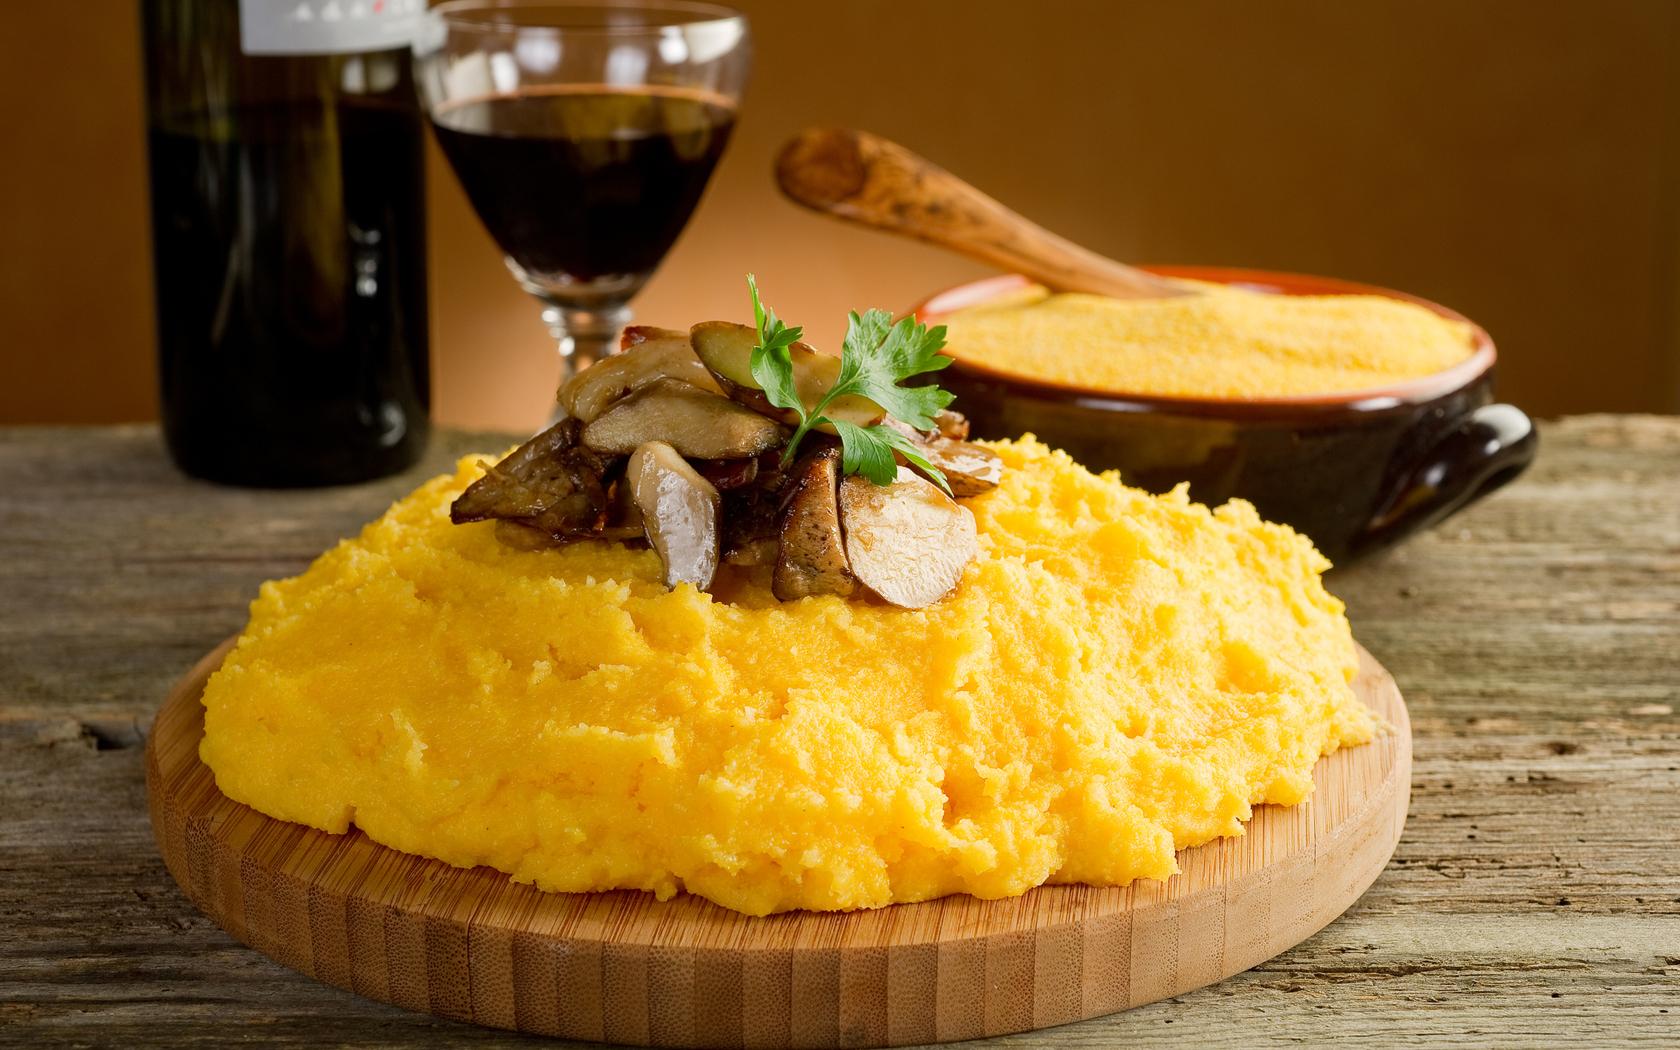 Мамалыга, Молдова Это аппетитная, золотистая и нежная каша из кукурузы, которую подают с жареным мяс